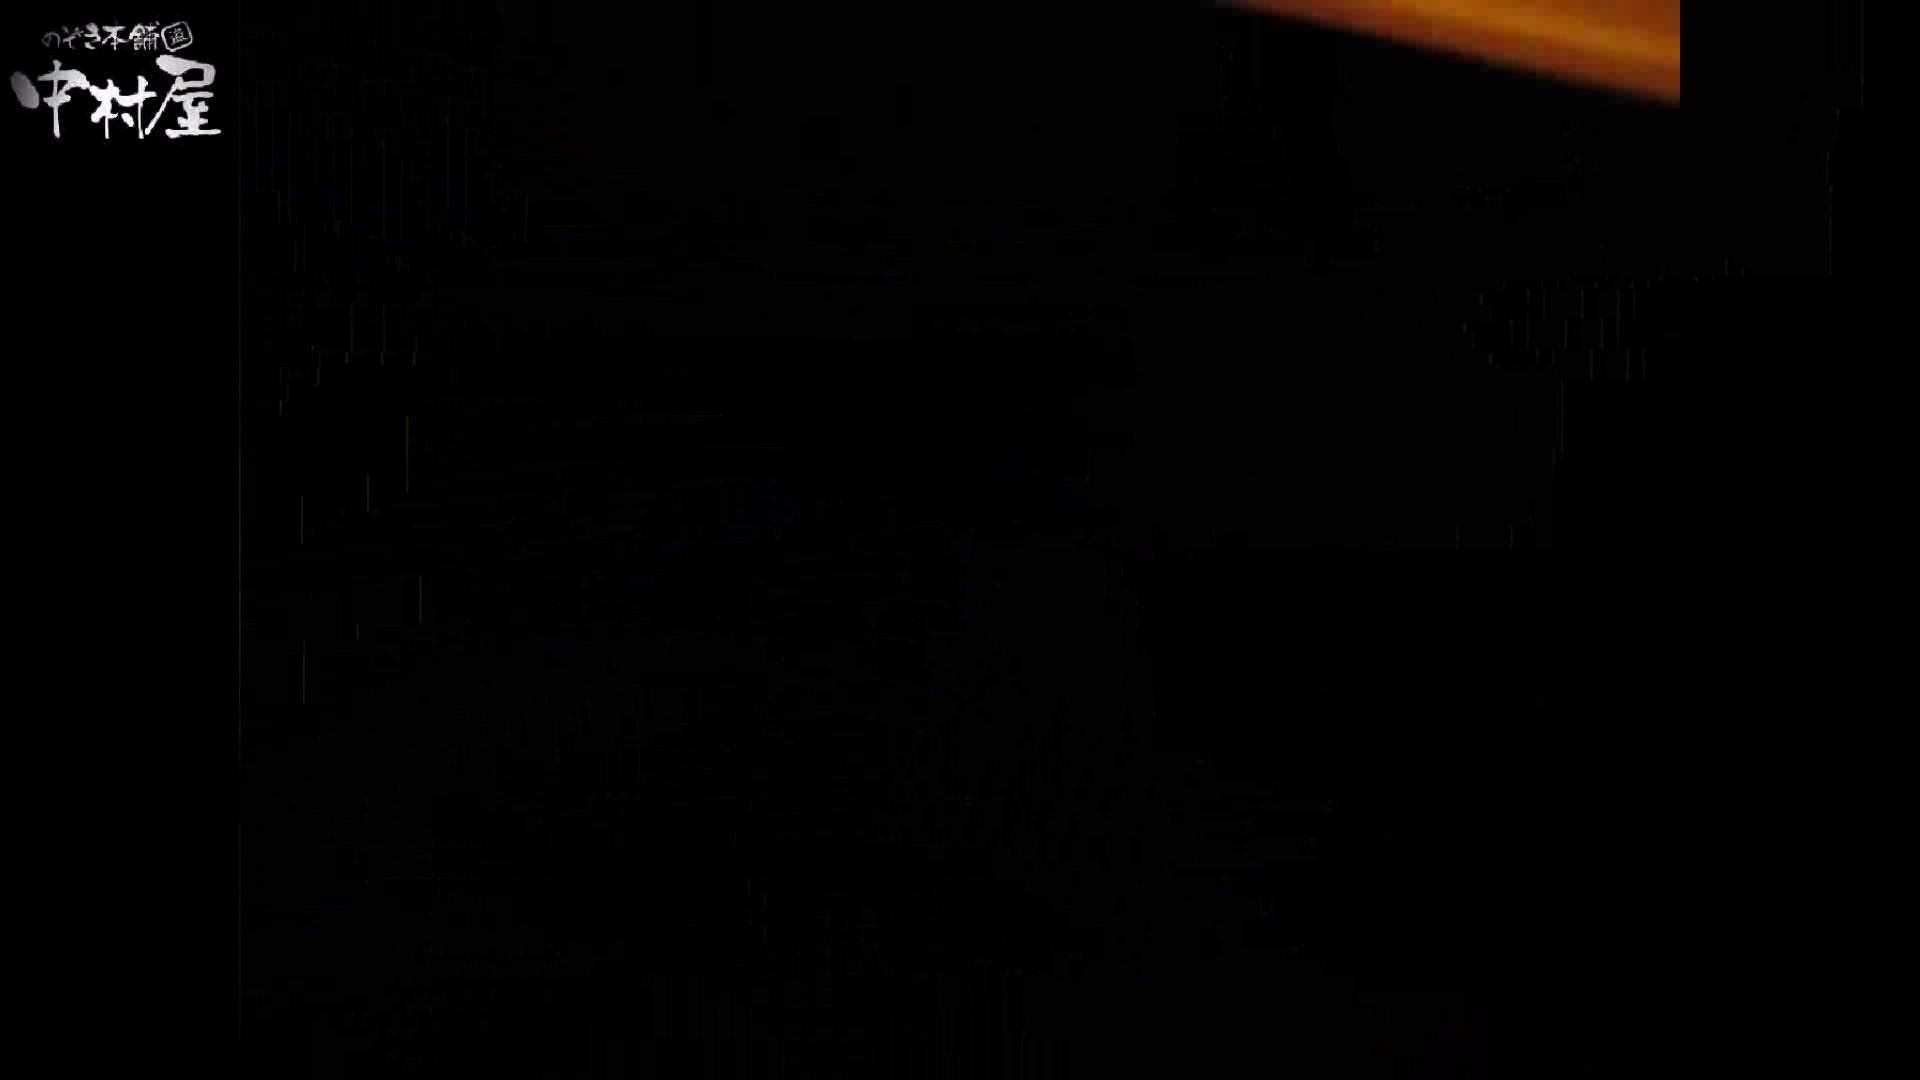 民家風呂専門盗撮師の超危険映像 vol.008 民家 おめこ無修正画像 37連発 17